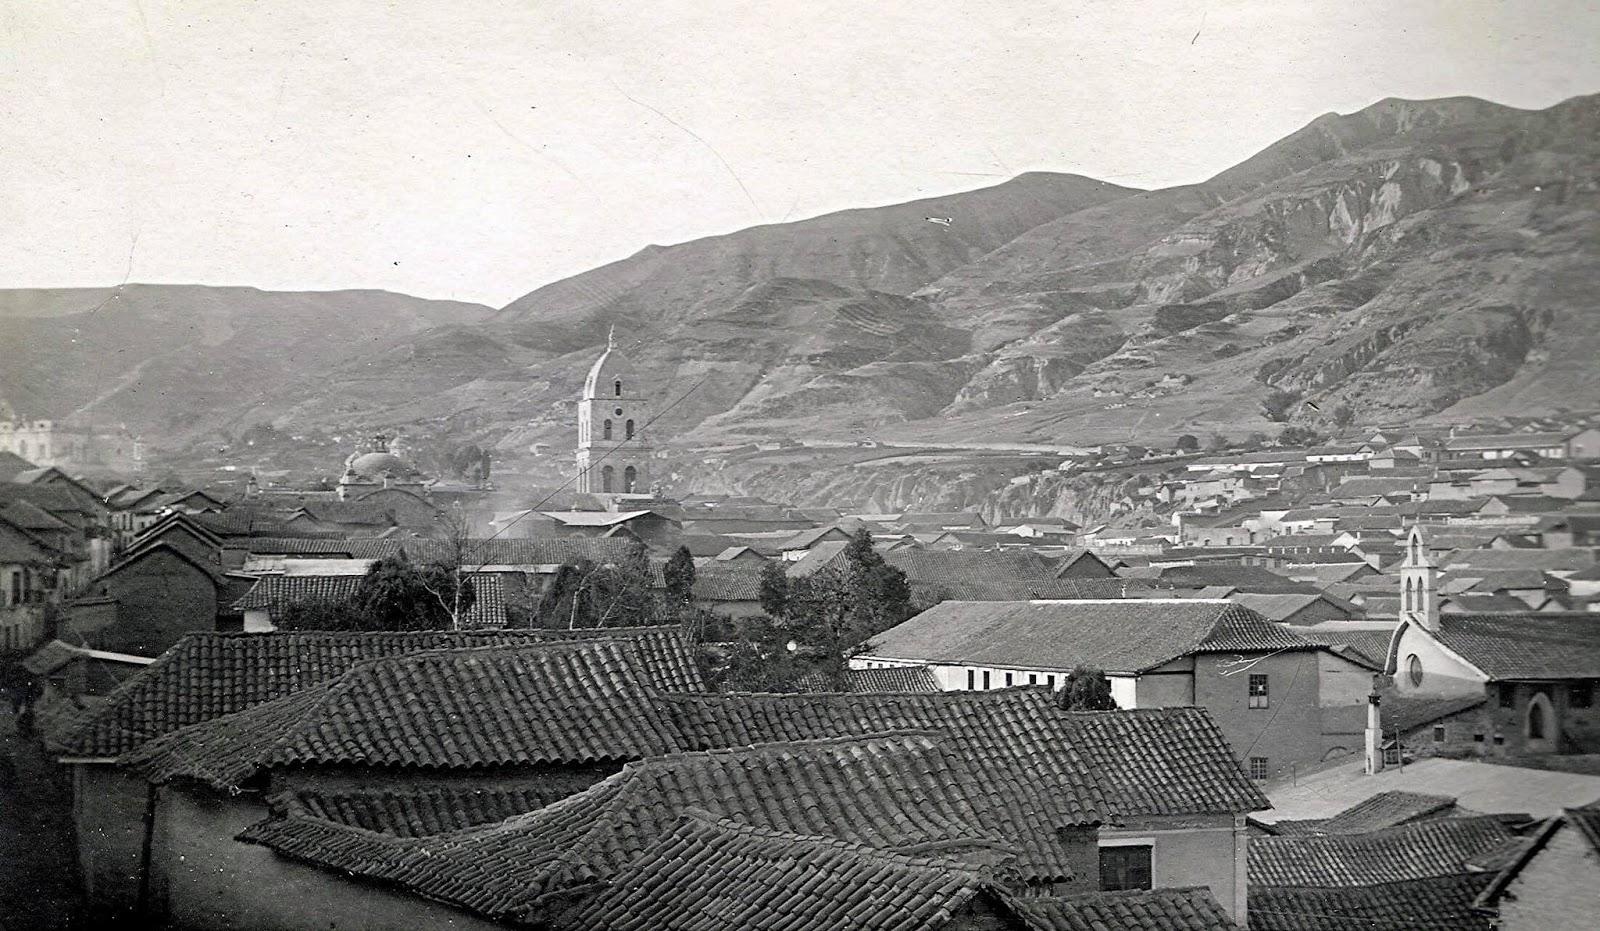 Vista de la ciudad de Cusco sus tejados